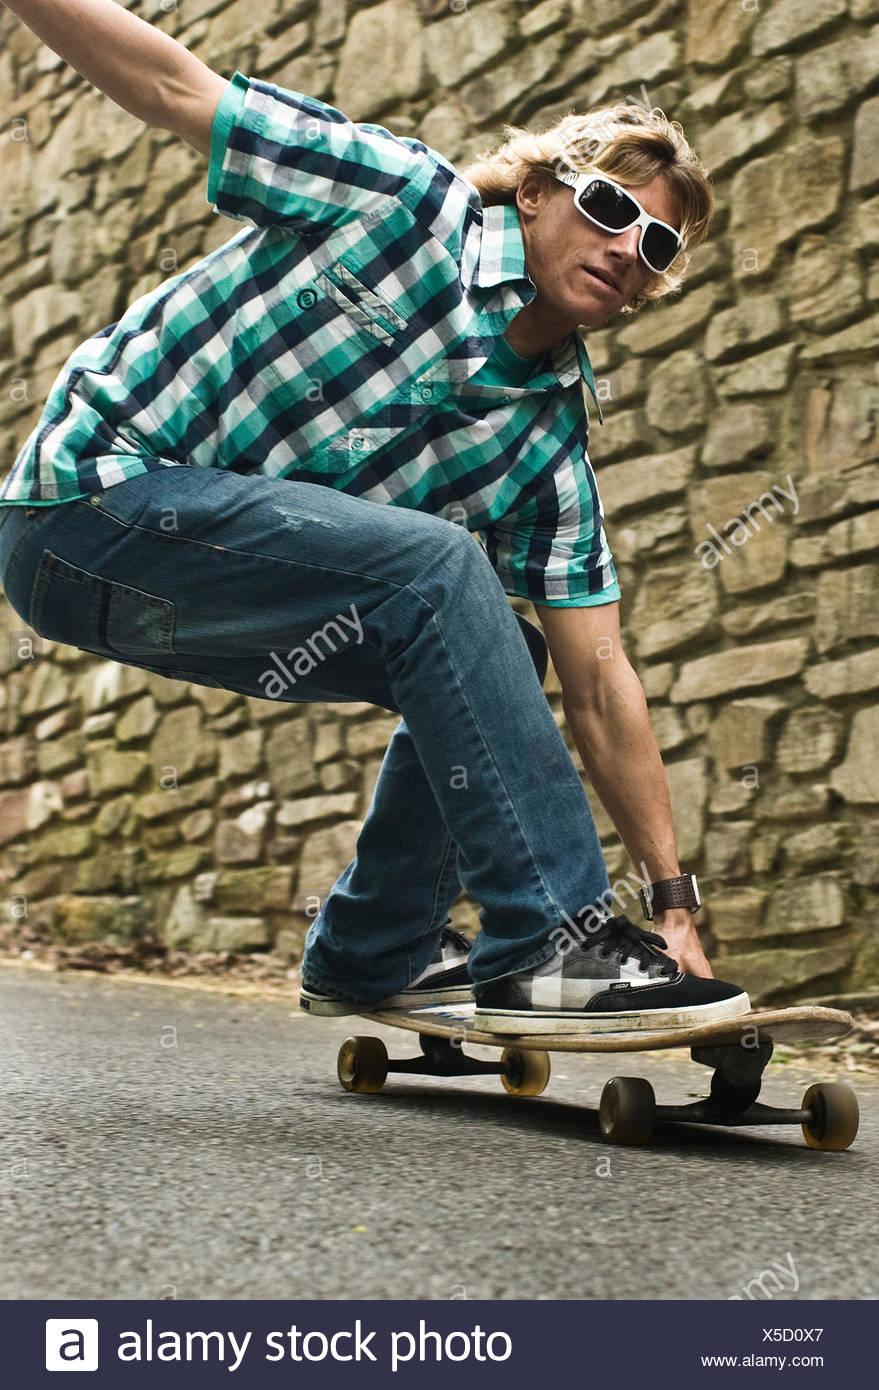 Skateboard downhill, Konzentration und Gleichgewicht, St. Agnes, Cornwall, UK Stockbild